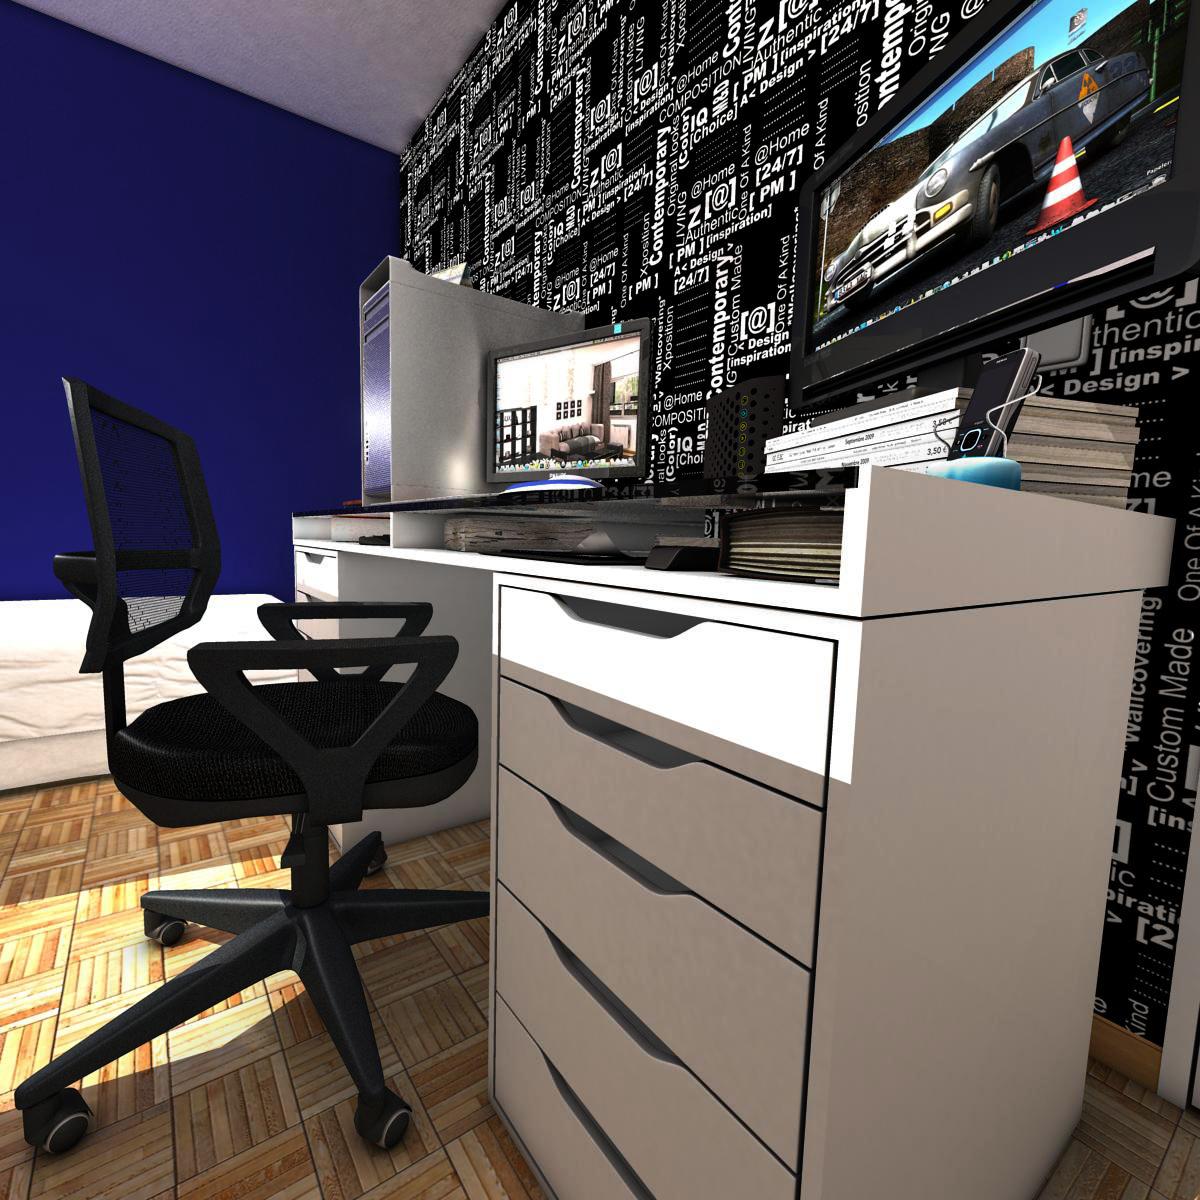 room 3d model 3ds max fbx c4d ma mb obj 159593